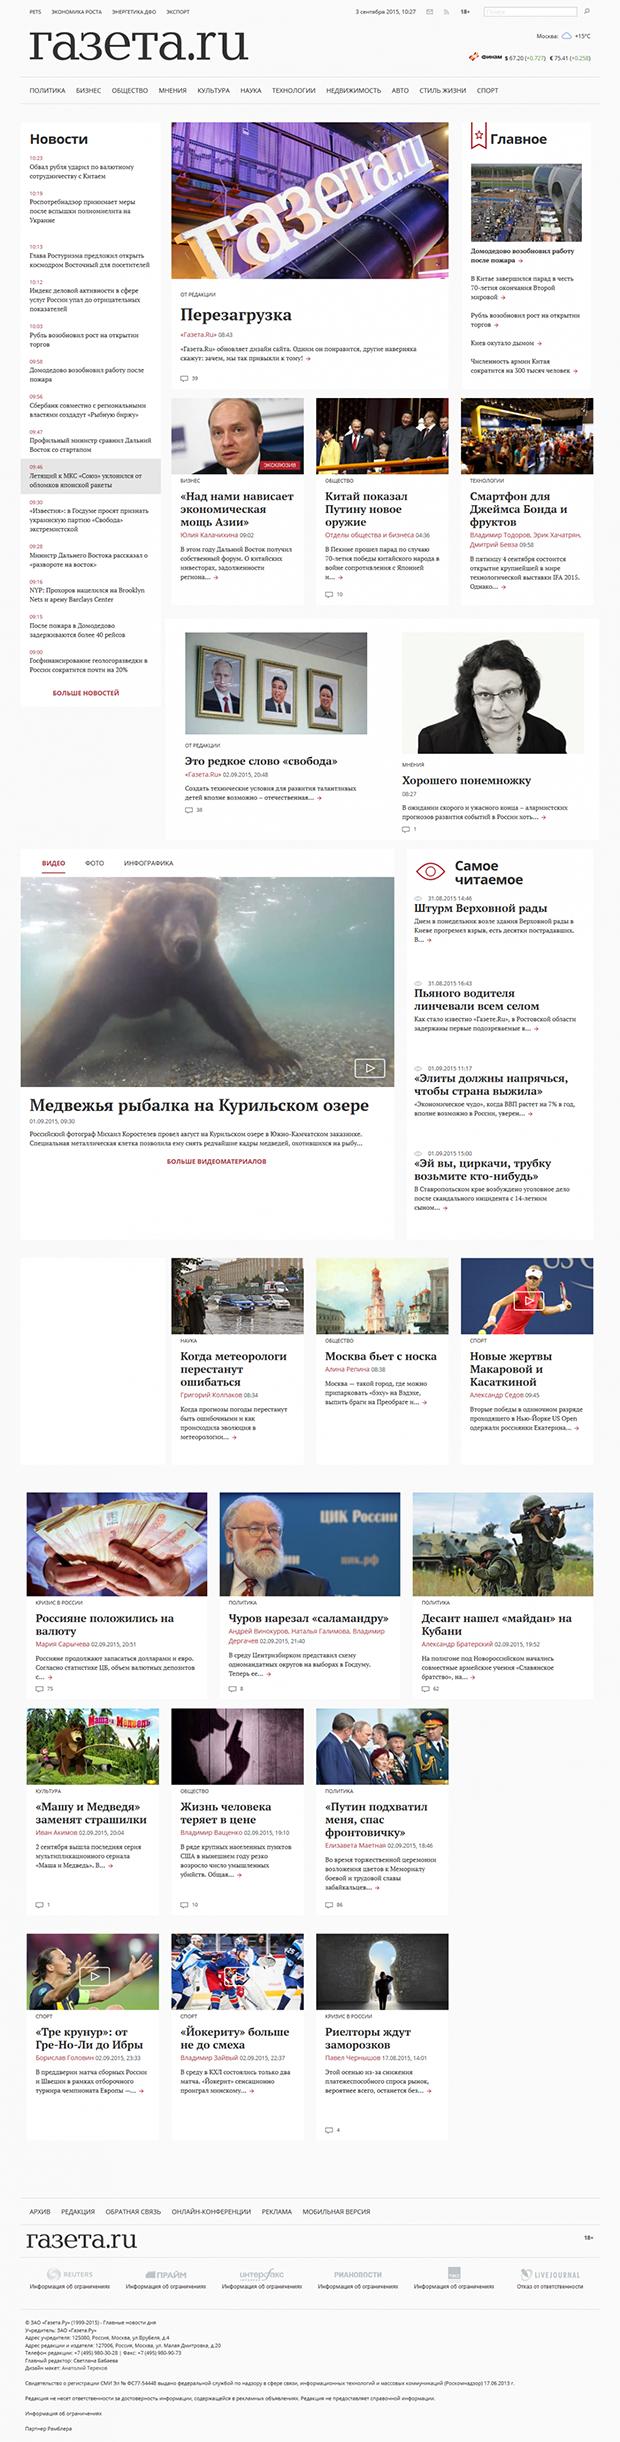 «Газета.ру» провела редизайн. Изображение № 1.